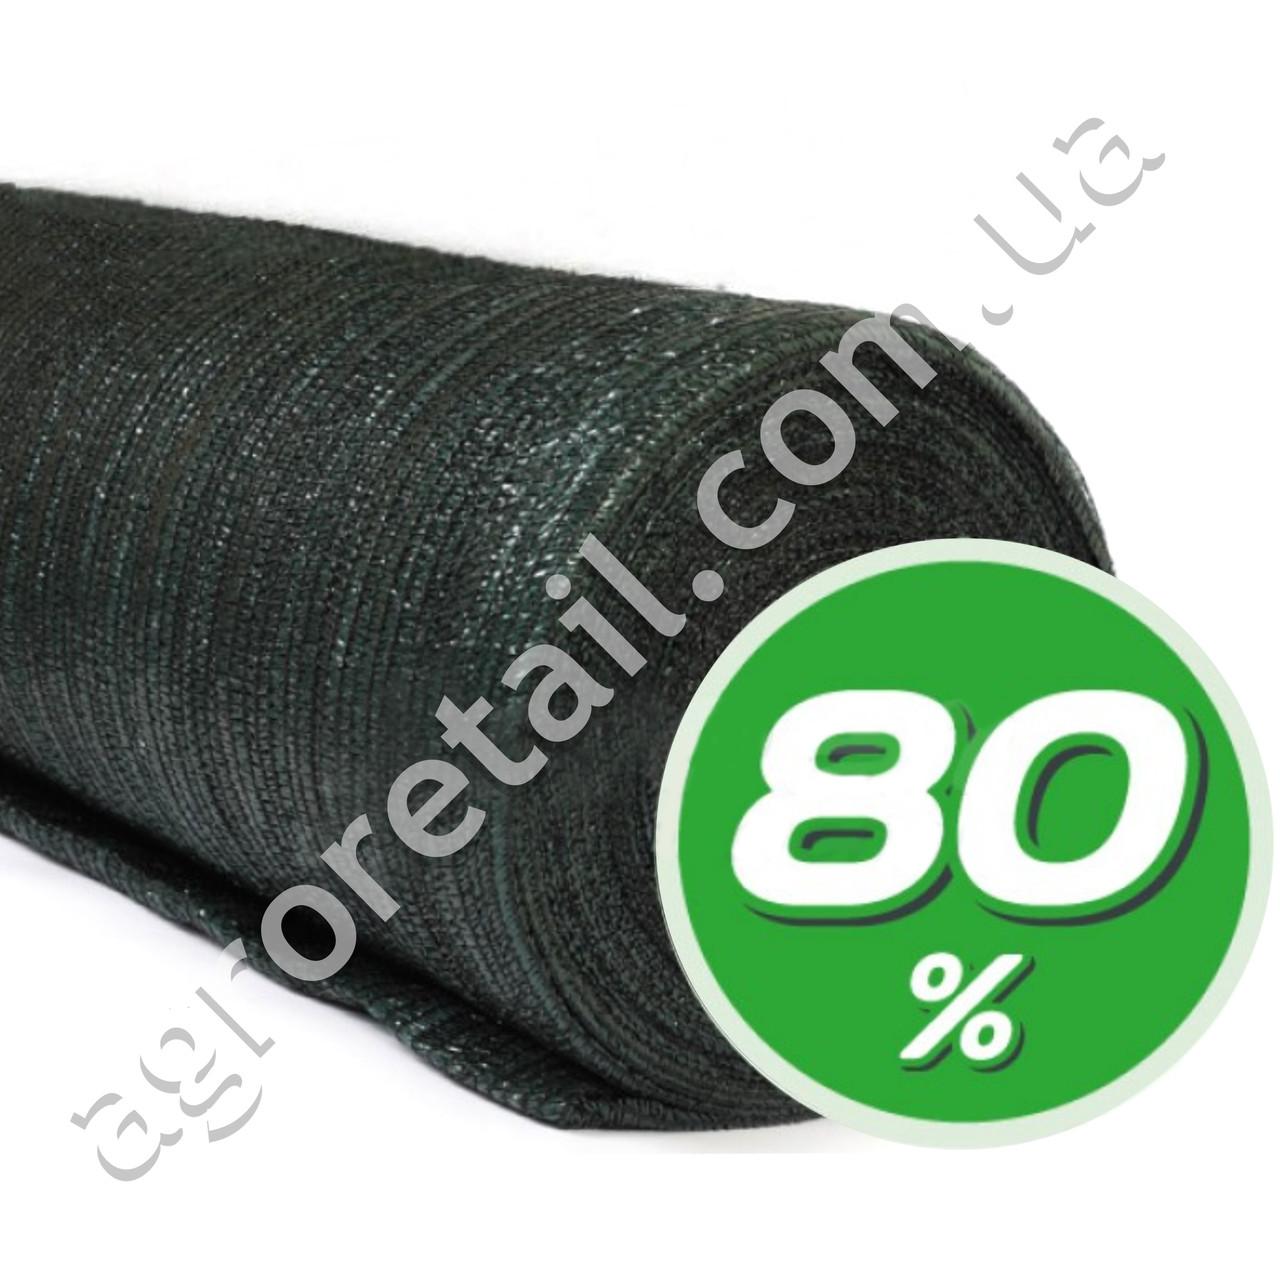 Затеняющая сетка зеленая 80% тени 3х50 м